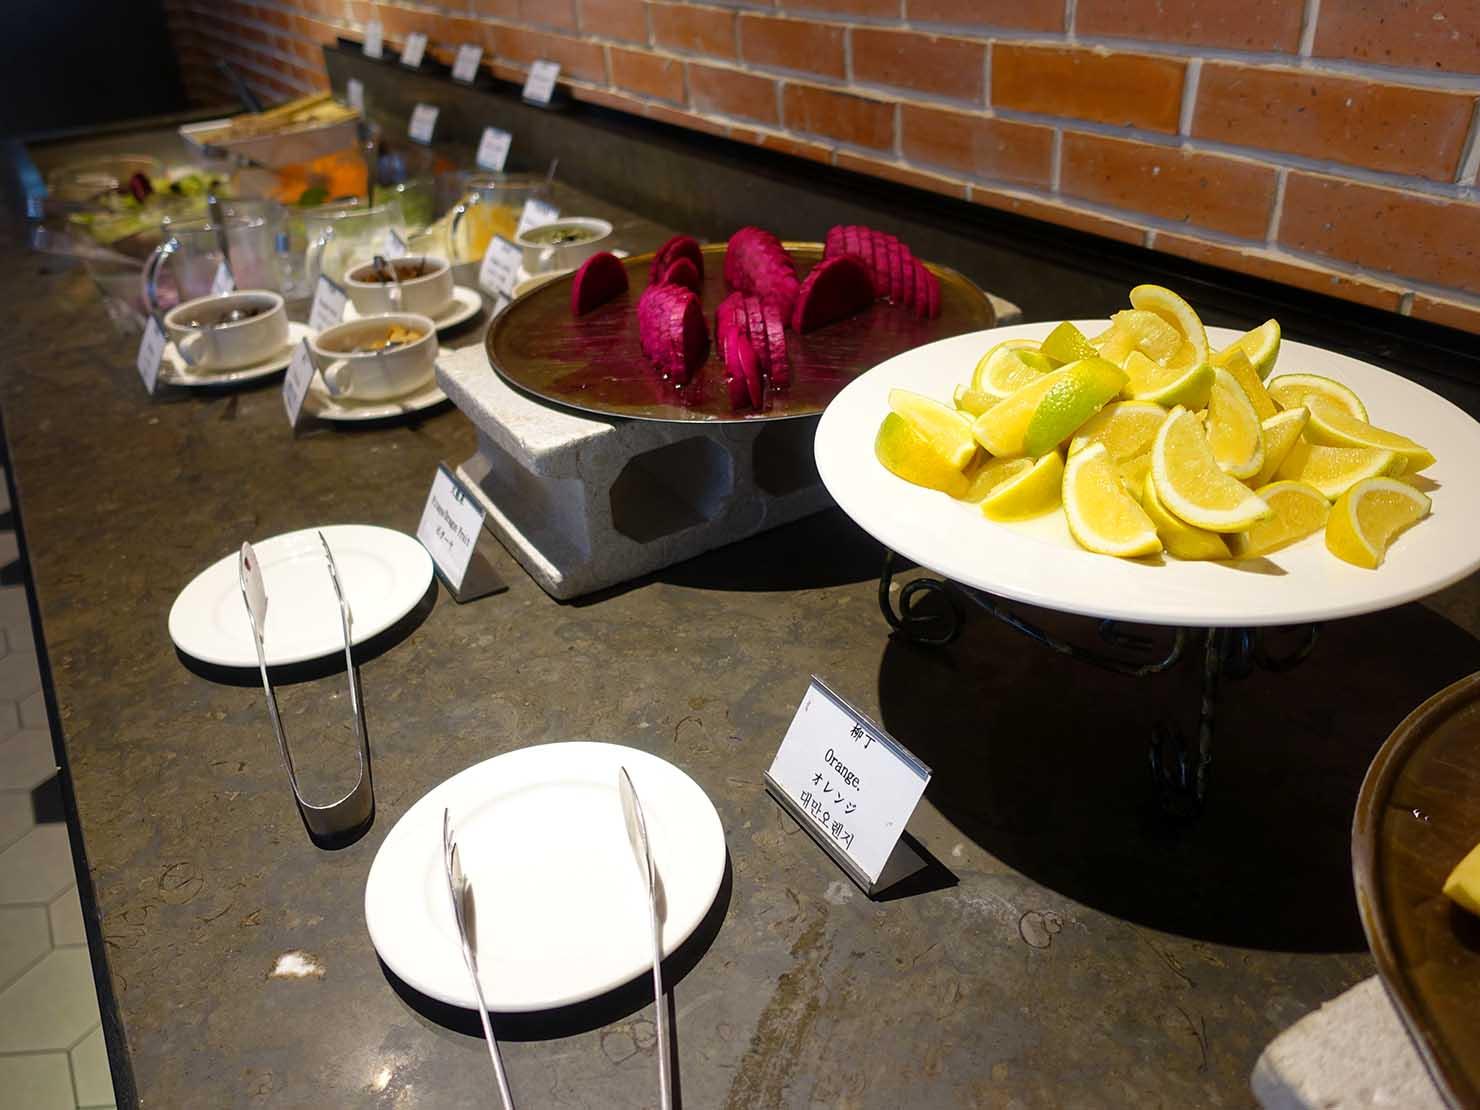 高雄市内観光におすすめのホテル「GREET INN 喜迎旅店」朝食ビュッフェのフルーツ